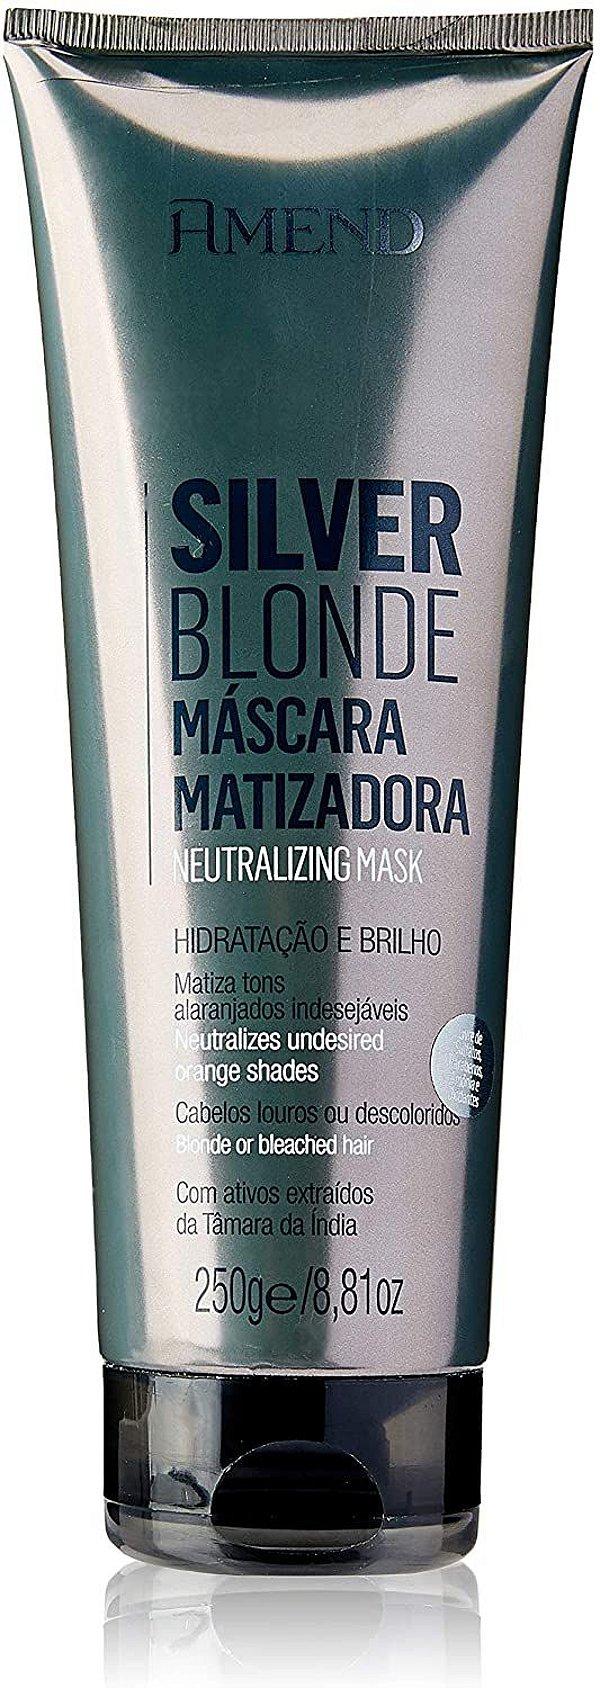 Máscara Matizadora Amend Silver Blonde Hidratação e Brilho 250g